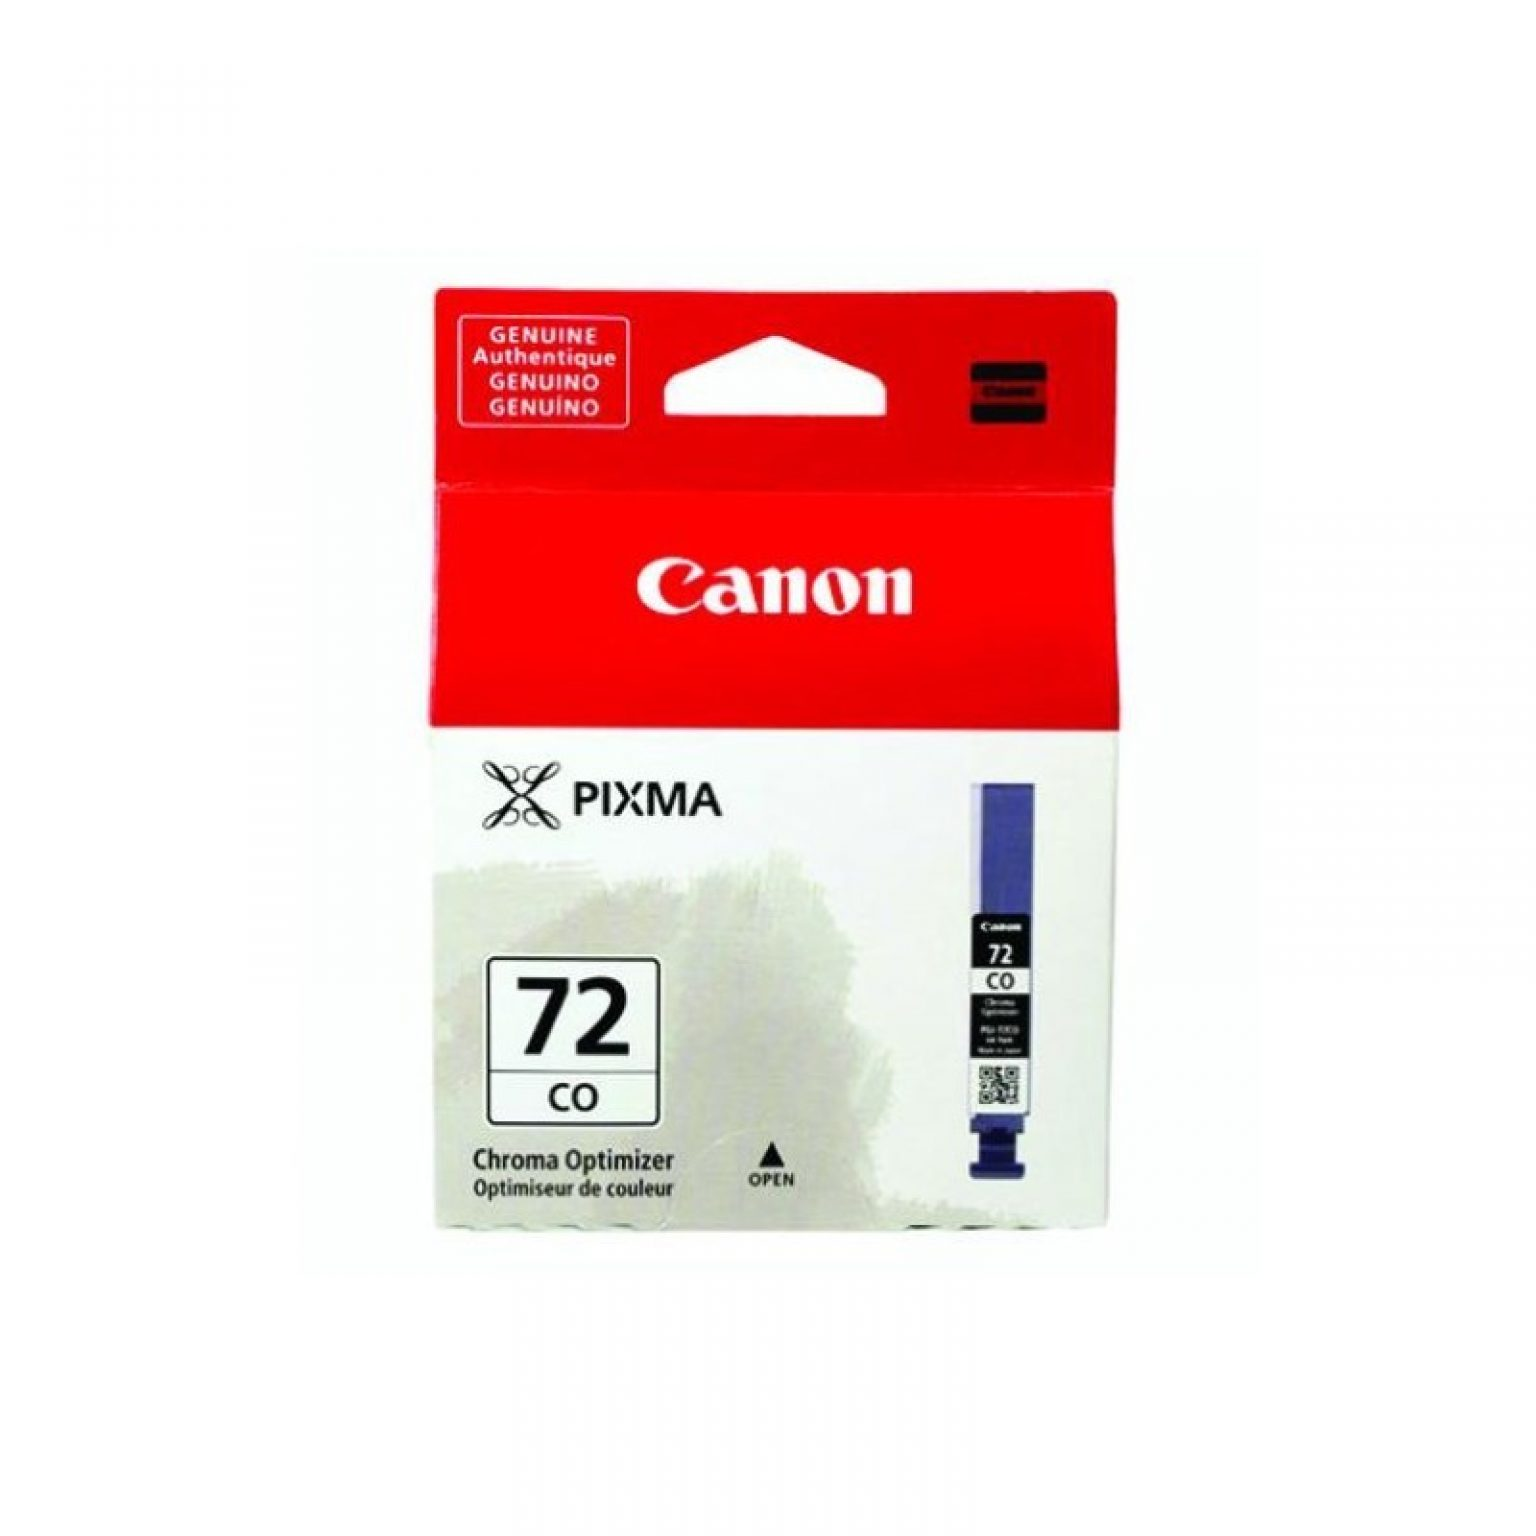 CANON - Ink Cartridge PGI-72 Chroma Optimiser for Pro-10 [PGI72CO]